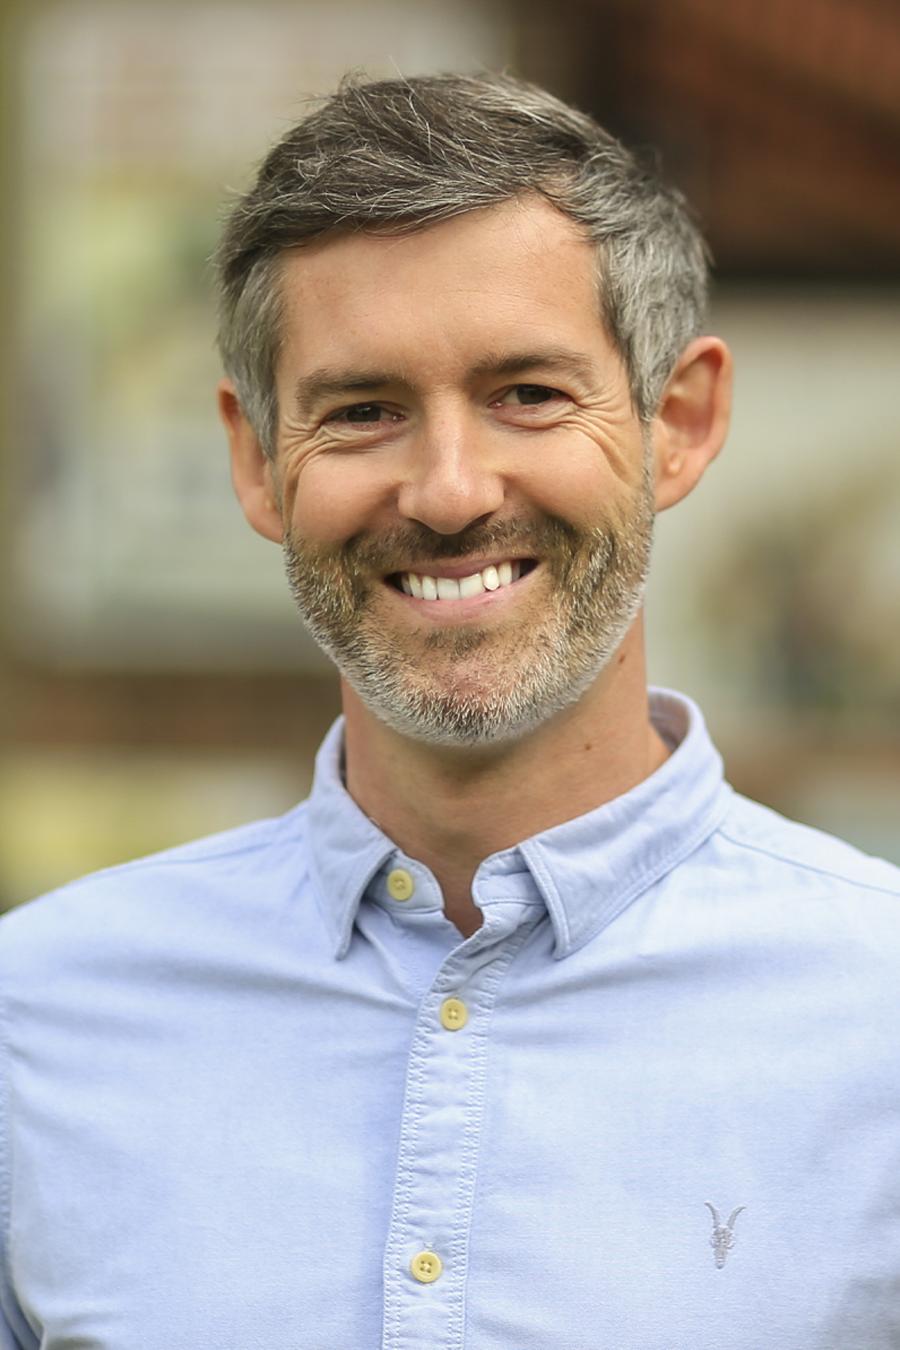 A photo of Seek Social Digital Marketing Business Development Manager, John Roche